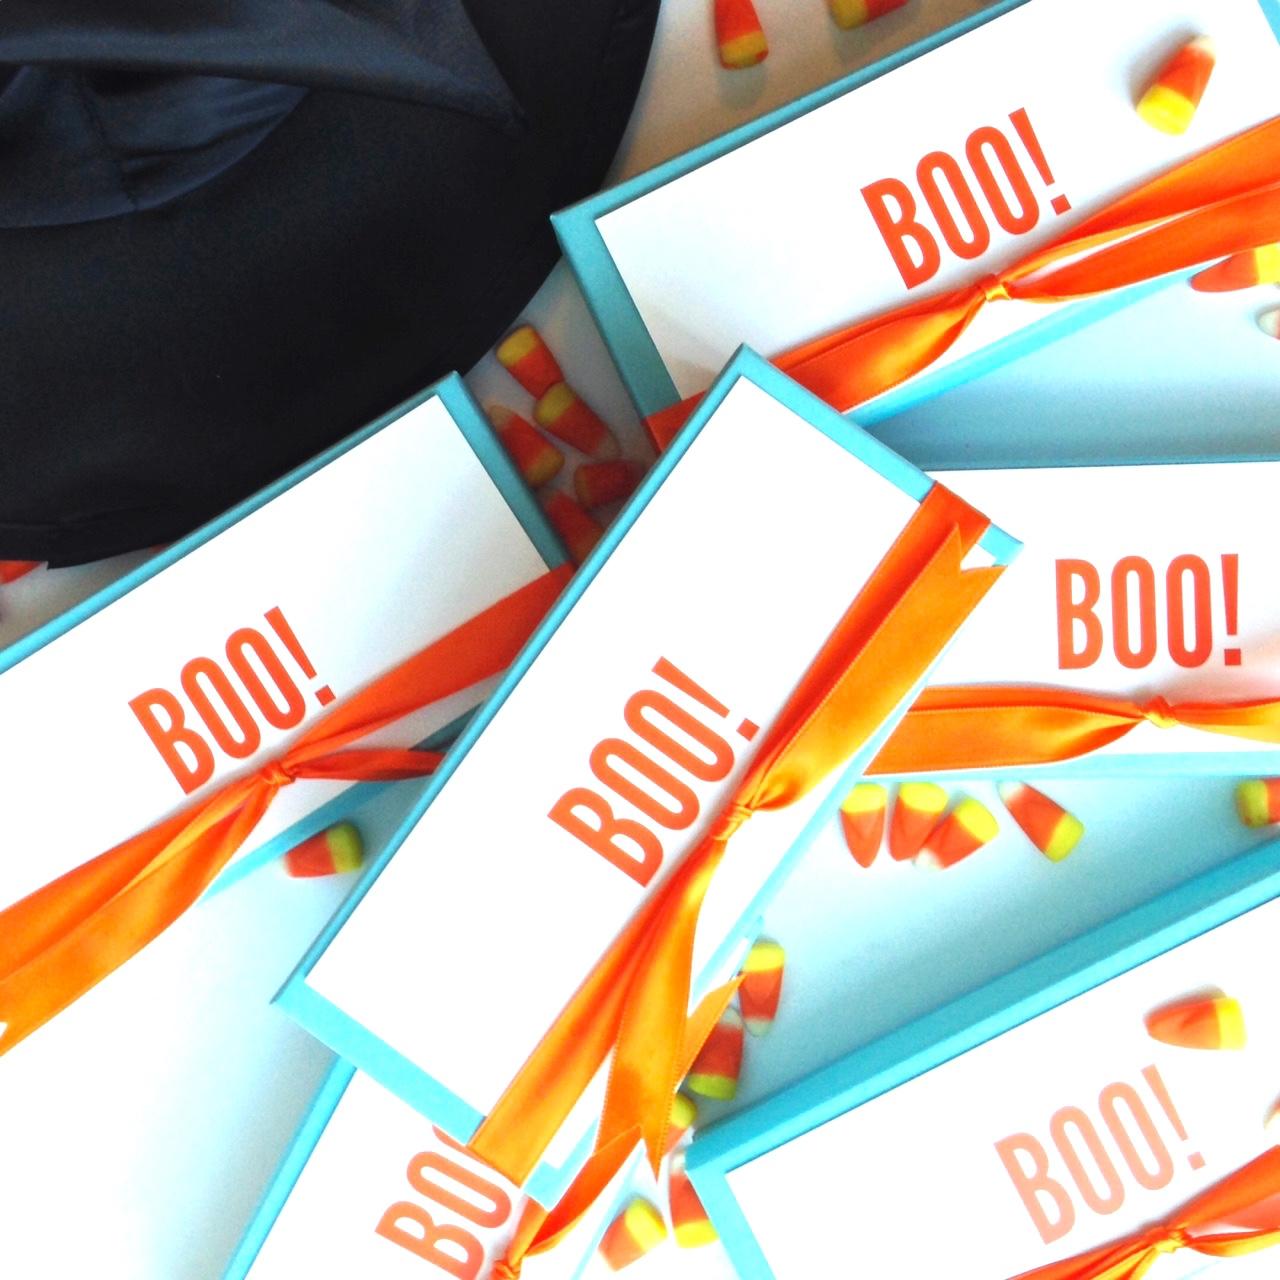 Sugarwish Blog - It's Boo time!